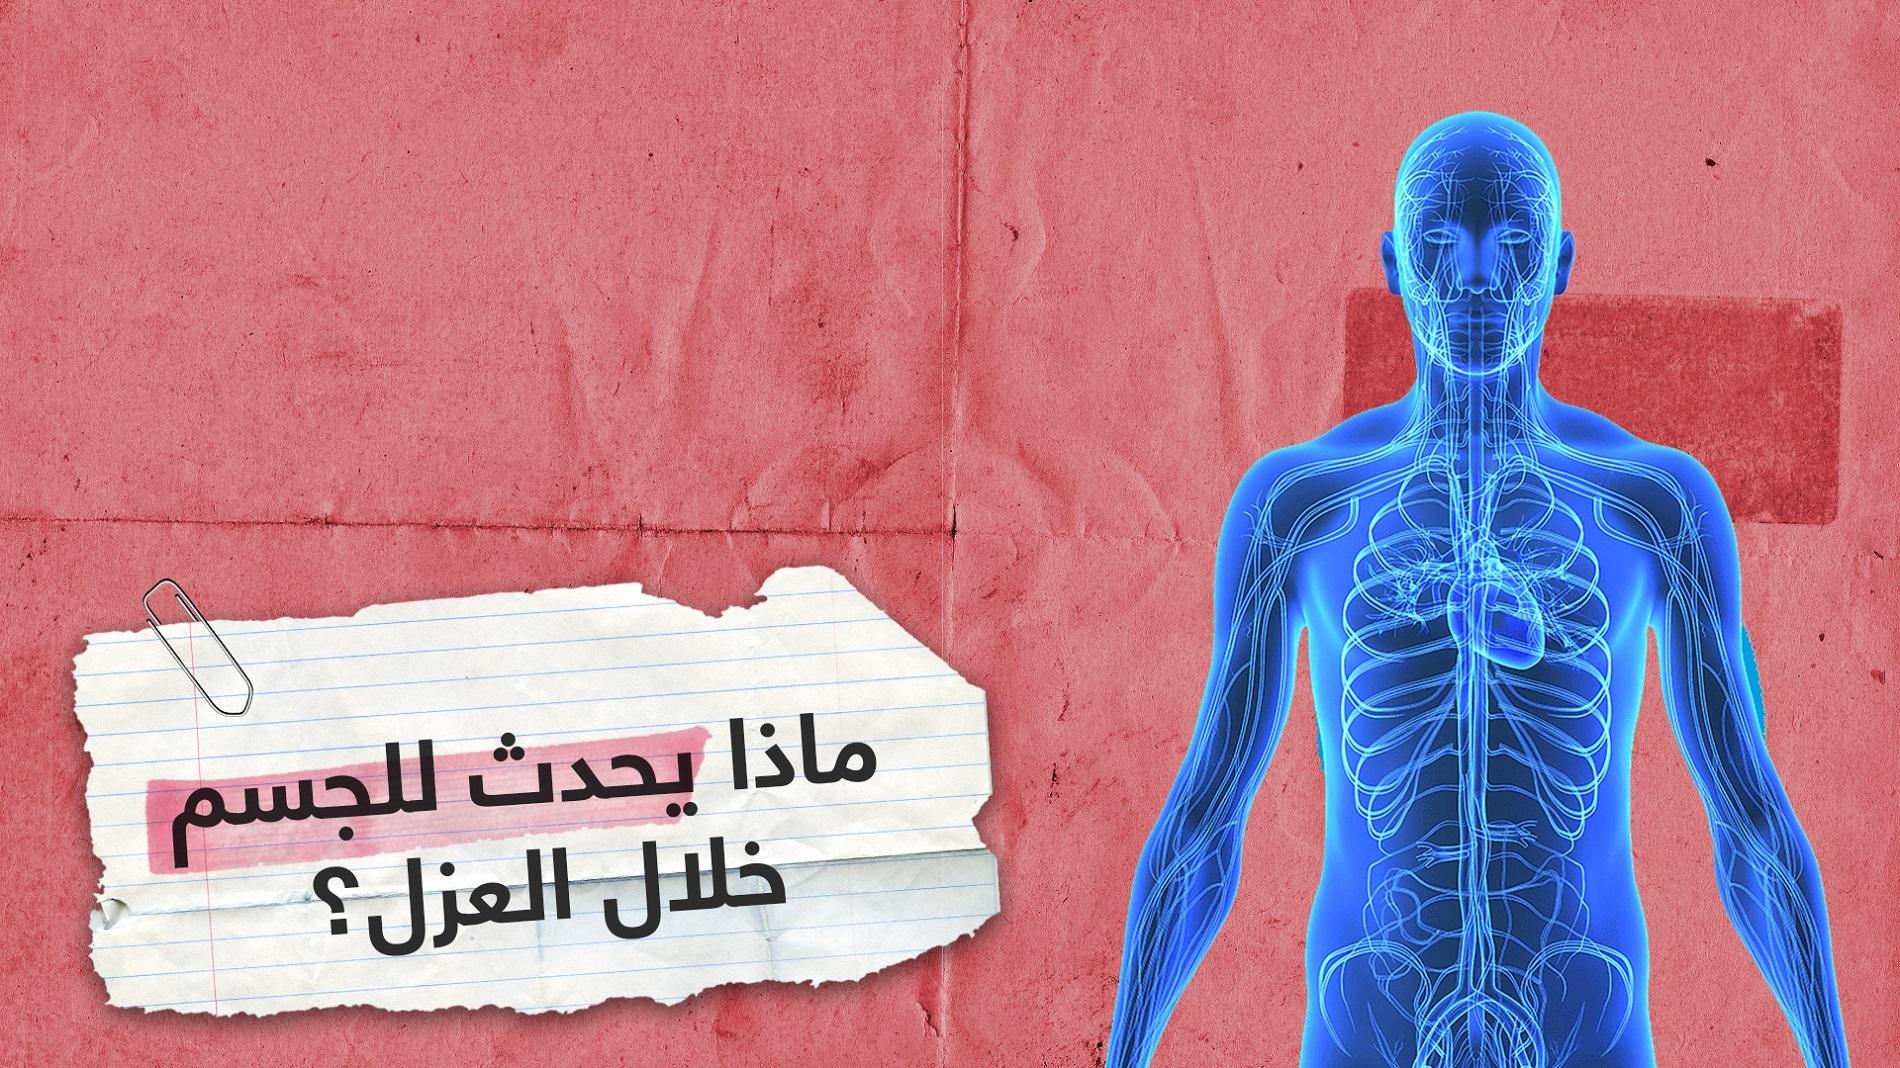 ماذا يحدث للجسم والعقل خلال الحجر الصحي؟